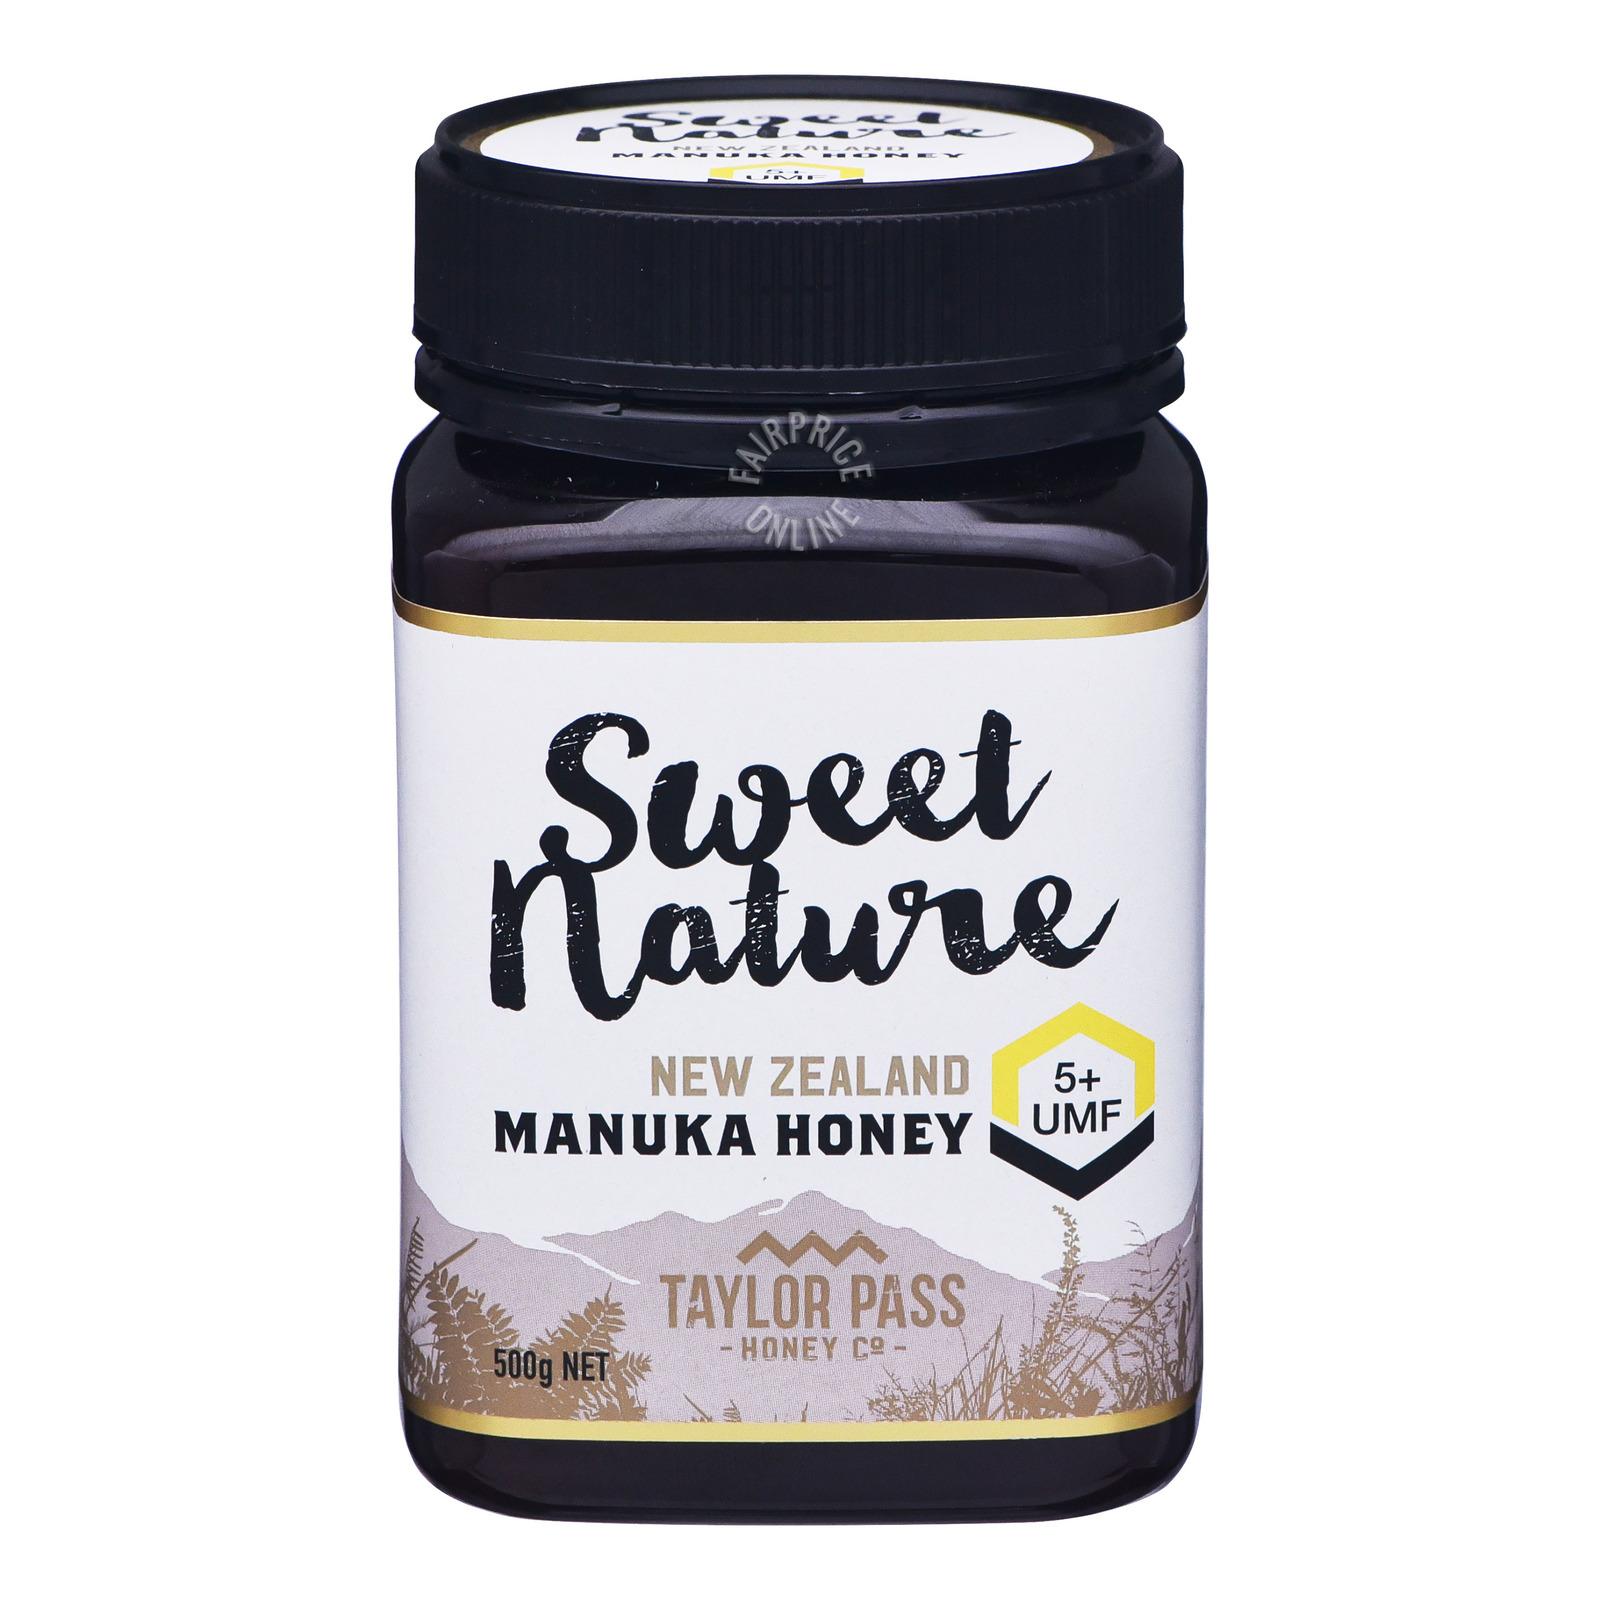 Sweet Nature Manuka Honey UMF 5+